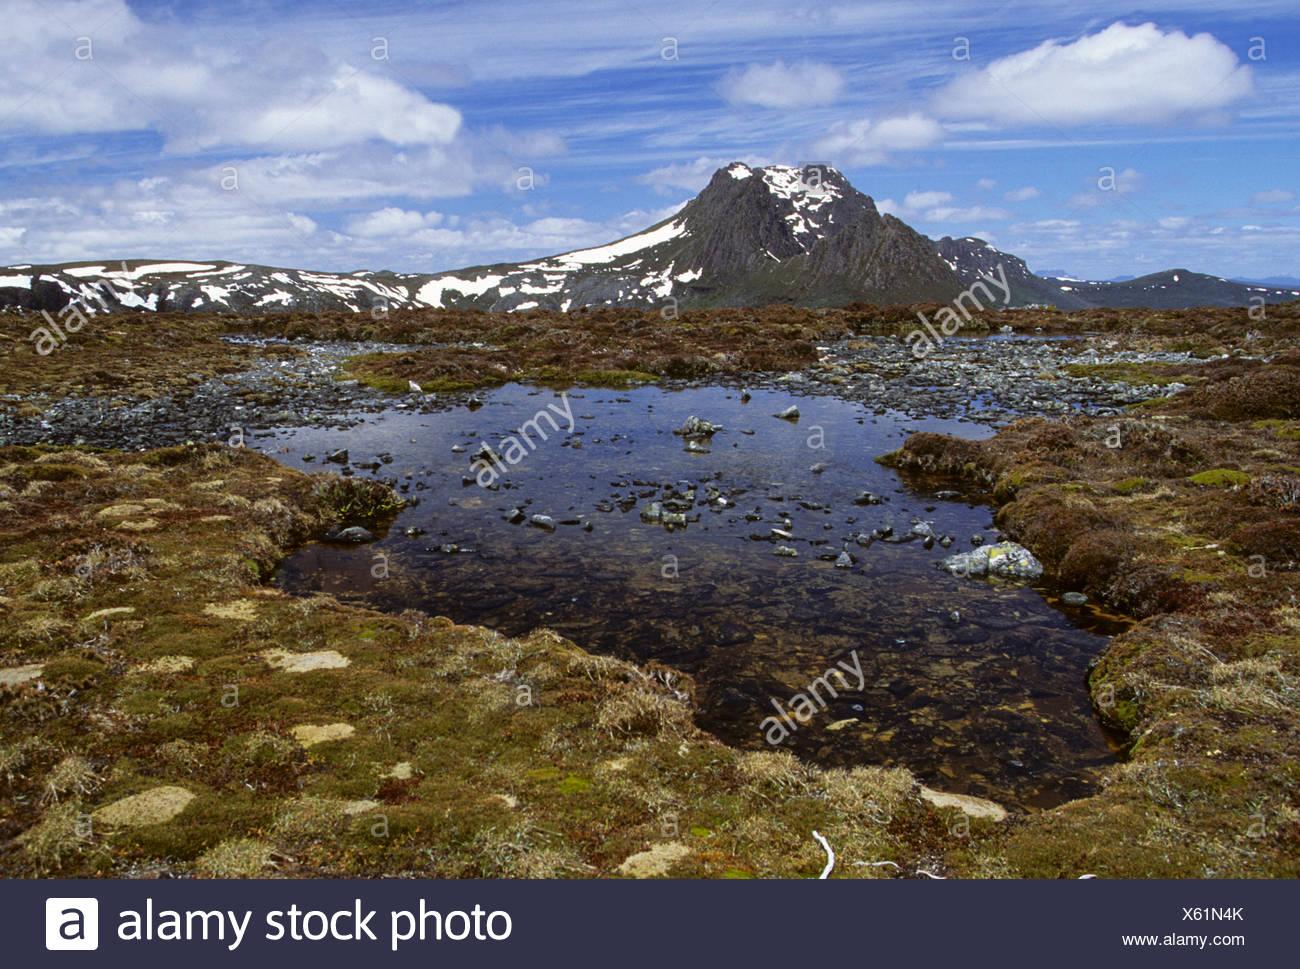 Cradle Mountain National Park, Lake St. Clair, Tasmania, Australia - Stock Image